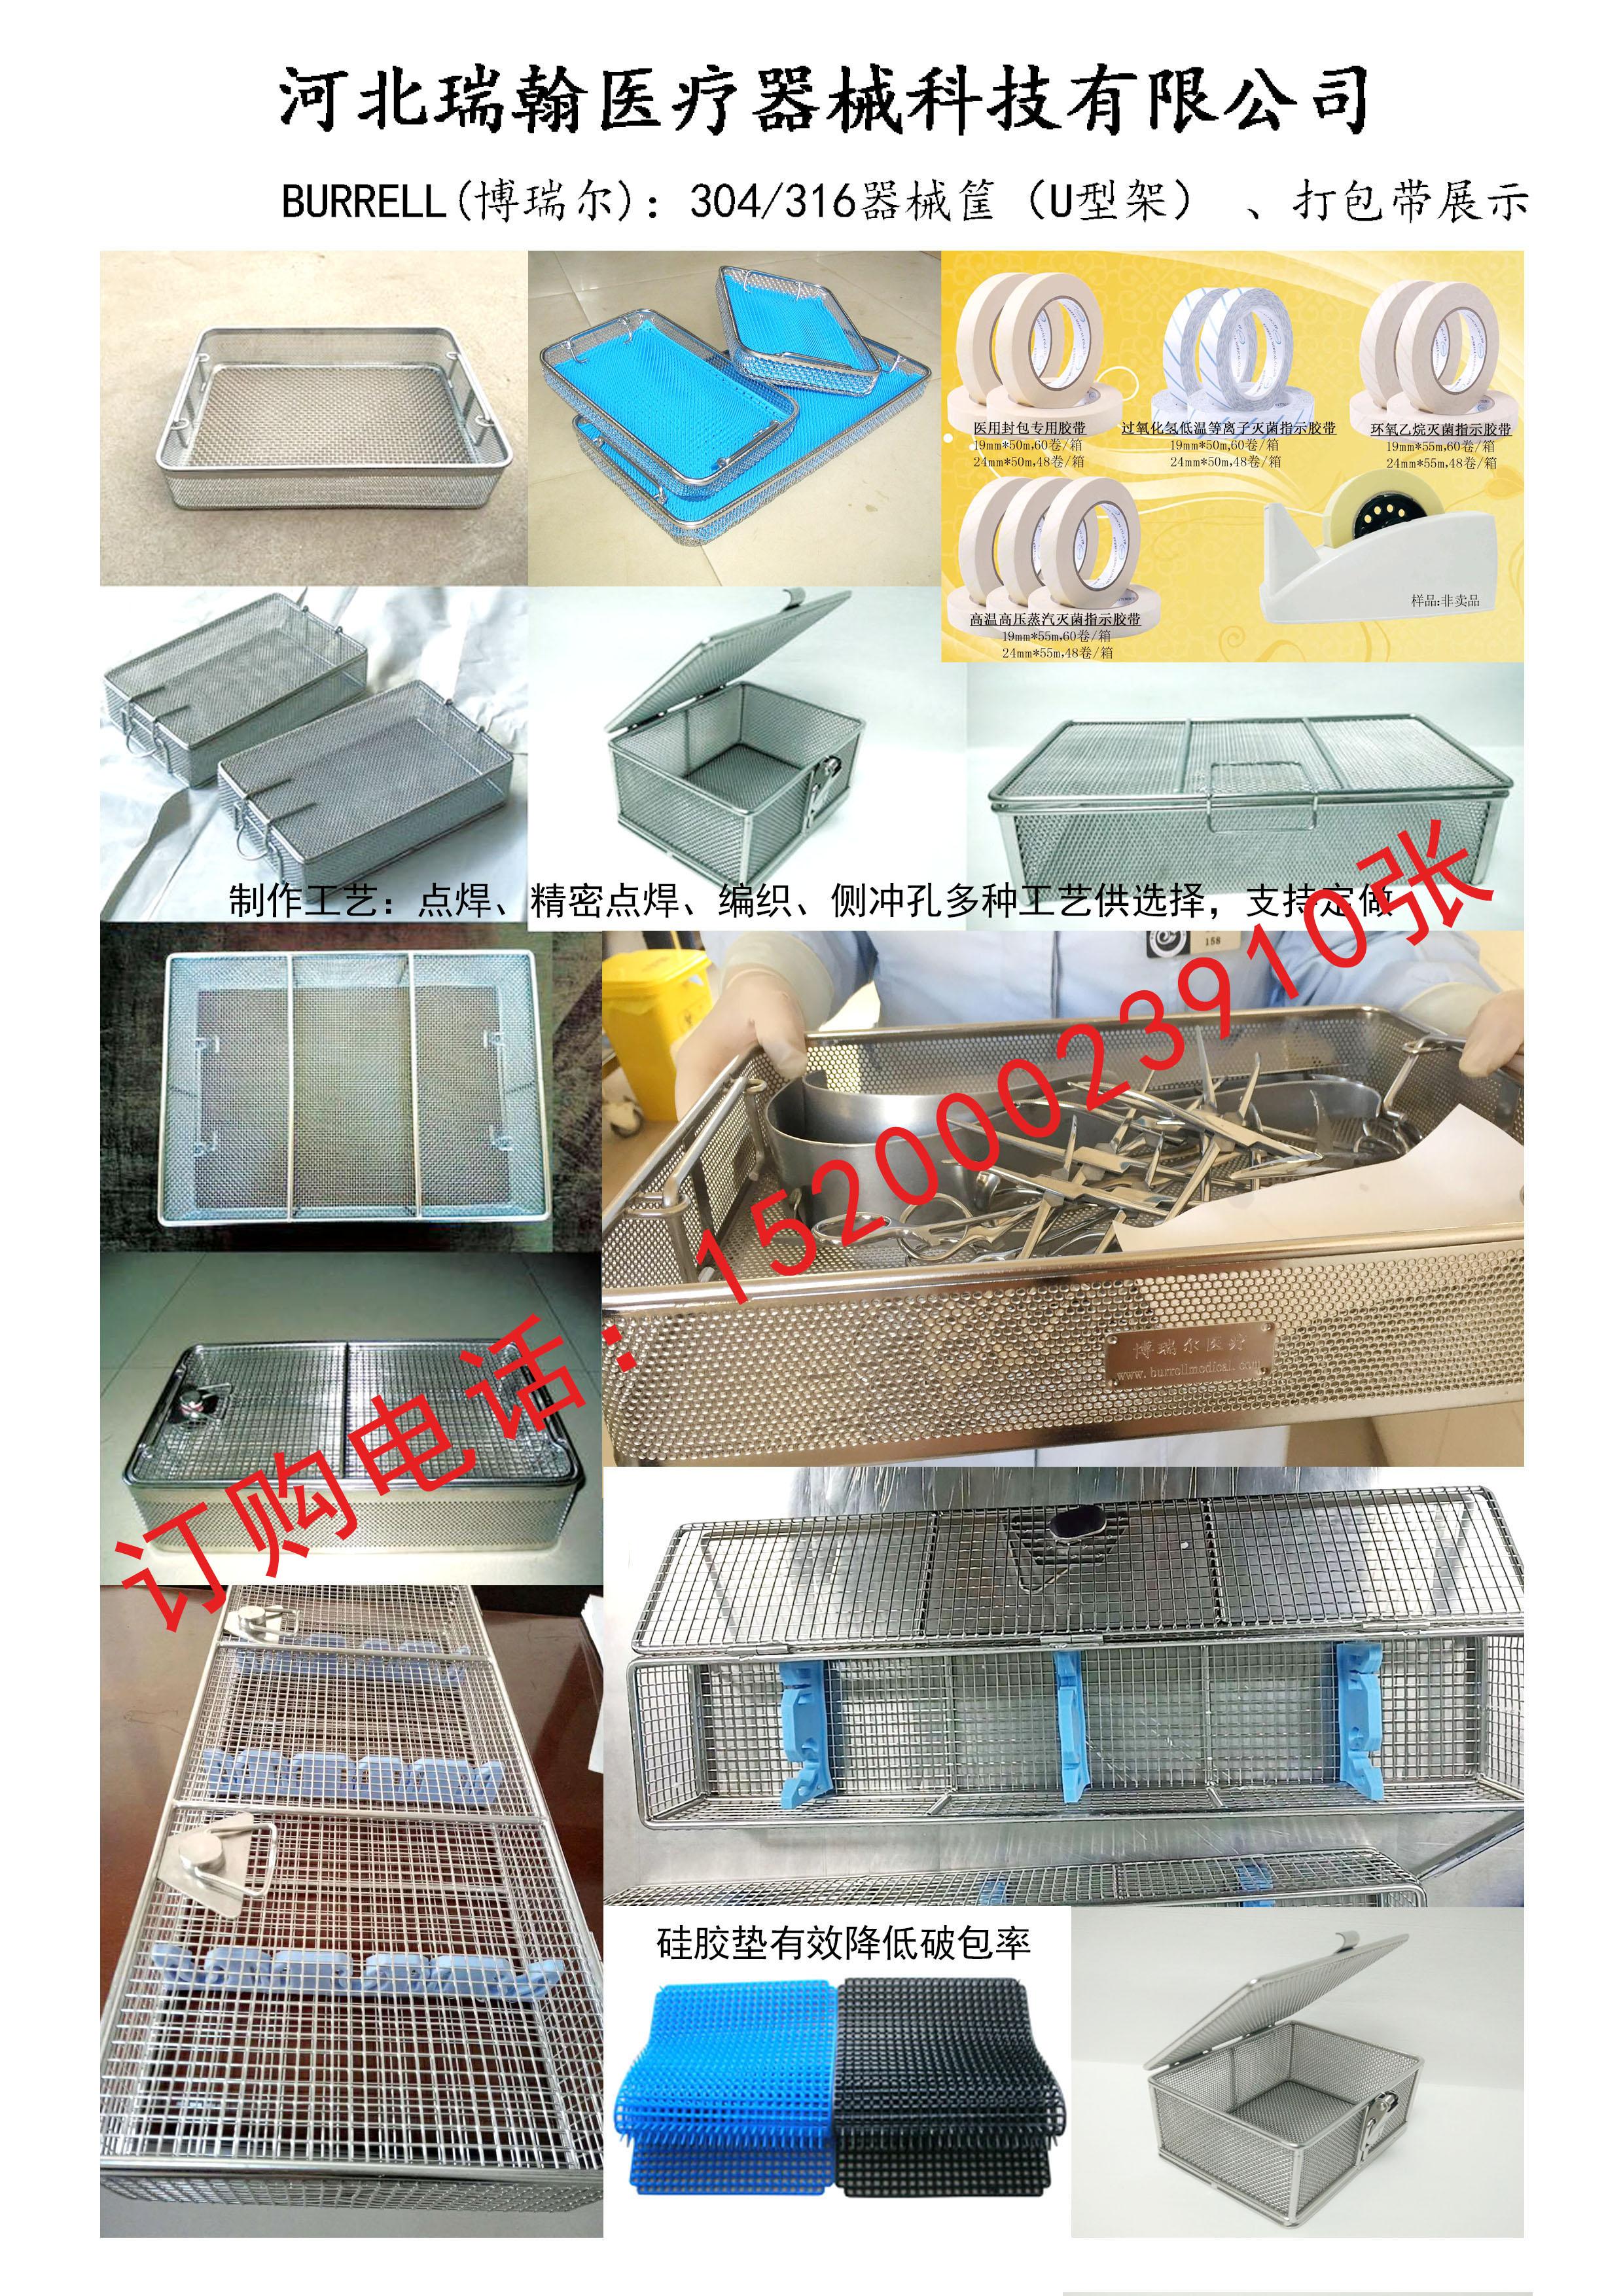 BURRELL消毒类304/316不锈钢精密网篮器械消毒托盘